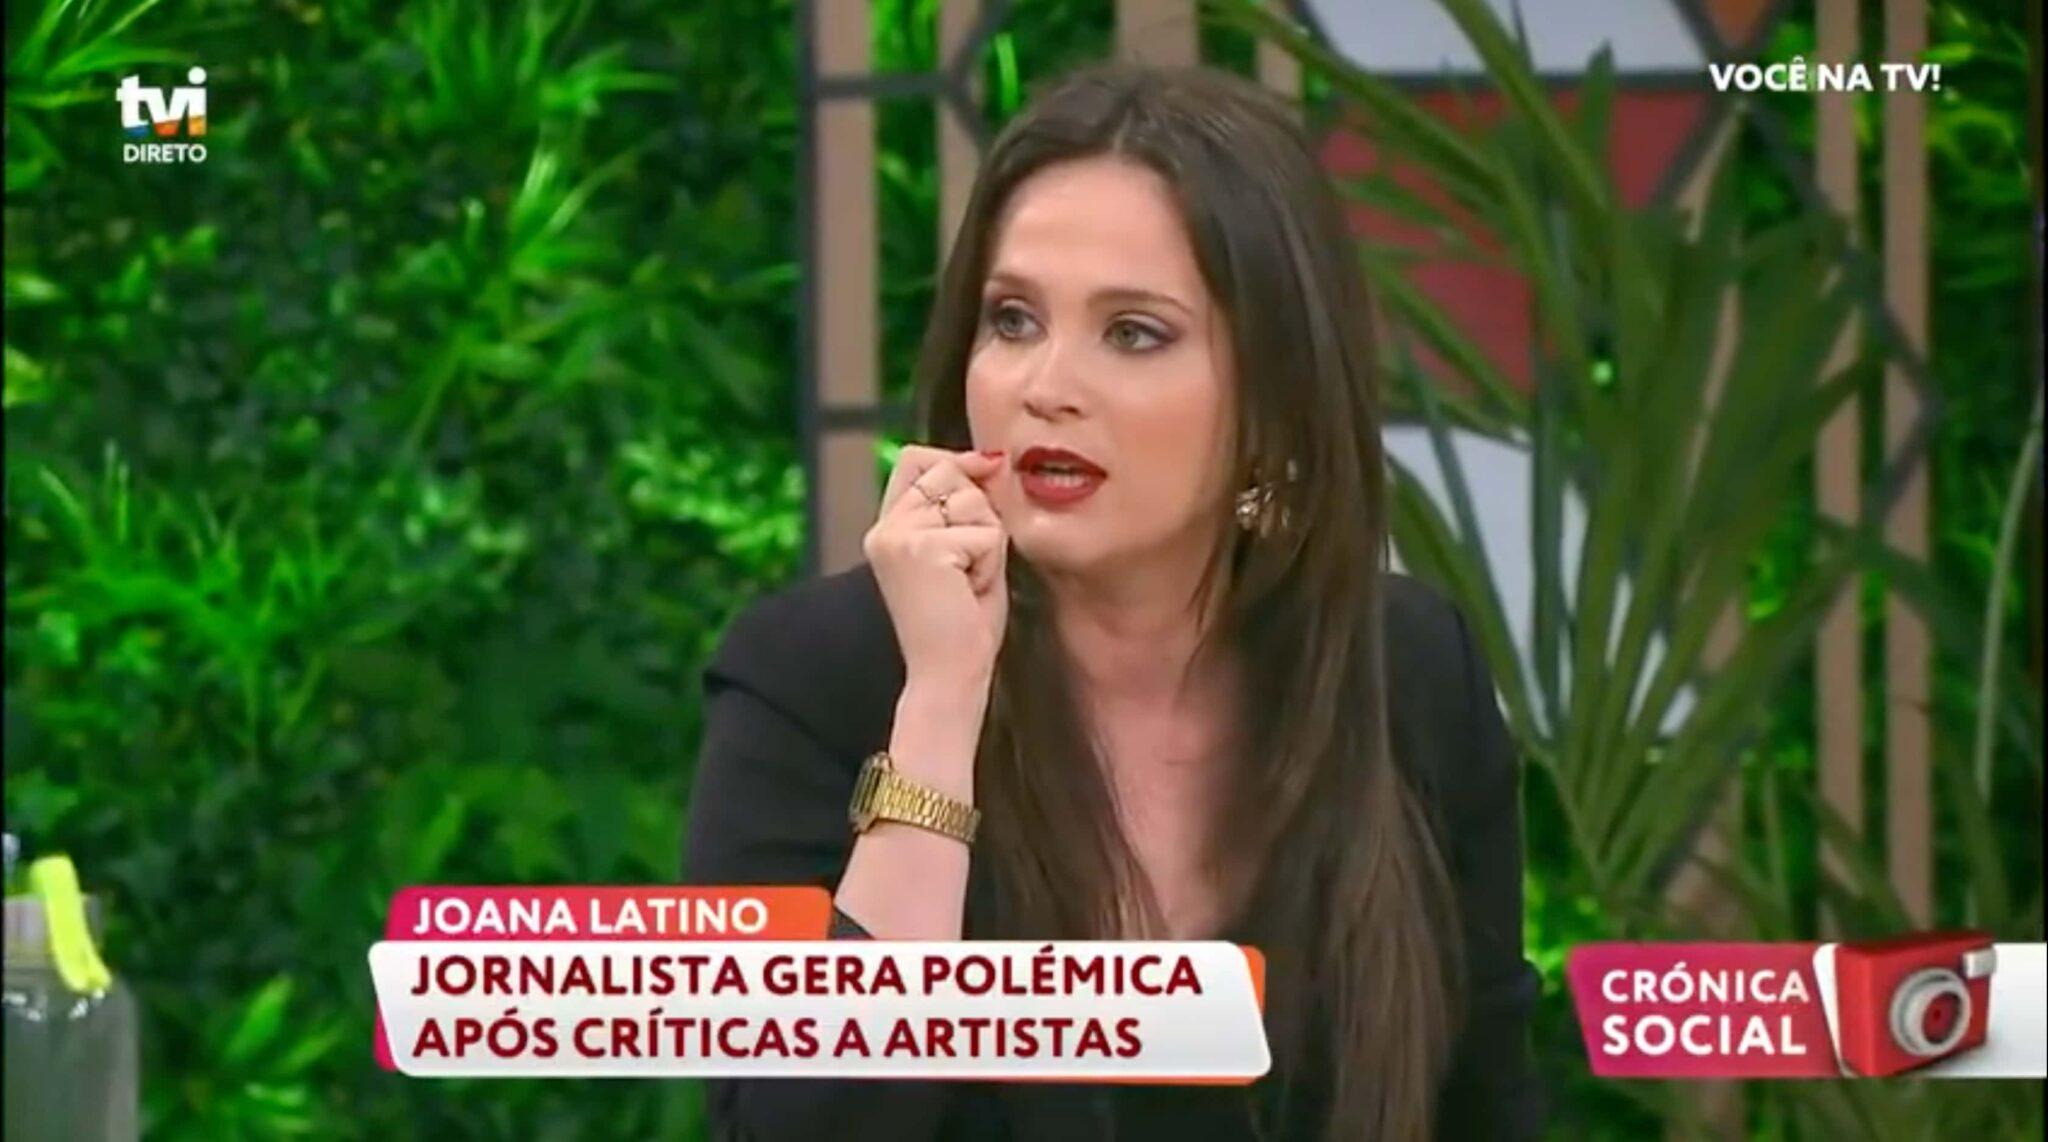 """ana arrebentinha scaled Ana Arrebentinha revela: """"Andei com a corda ao pescoço durante muito tempo"""""""